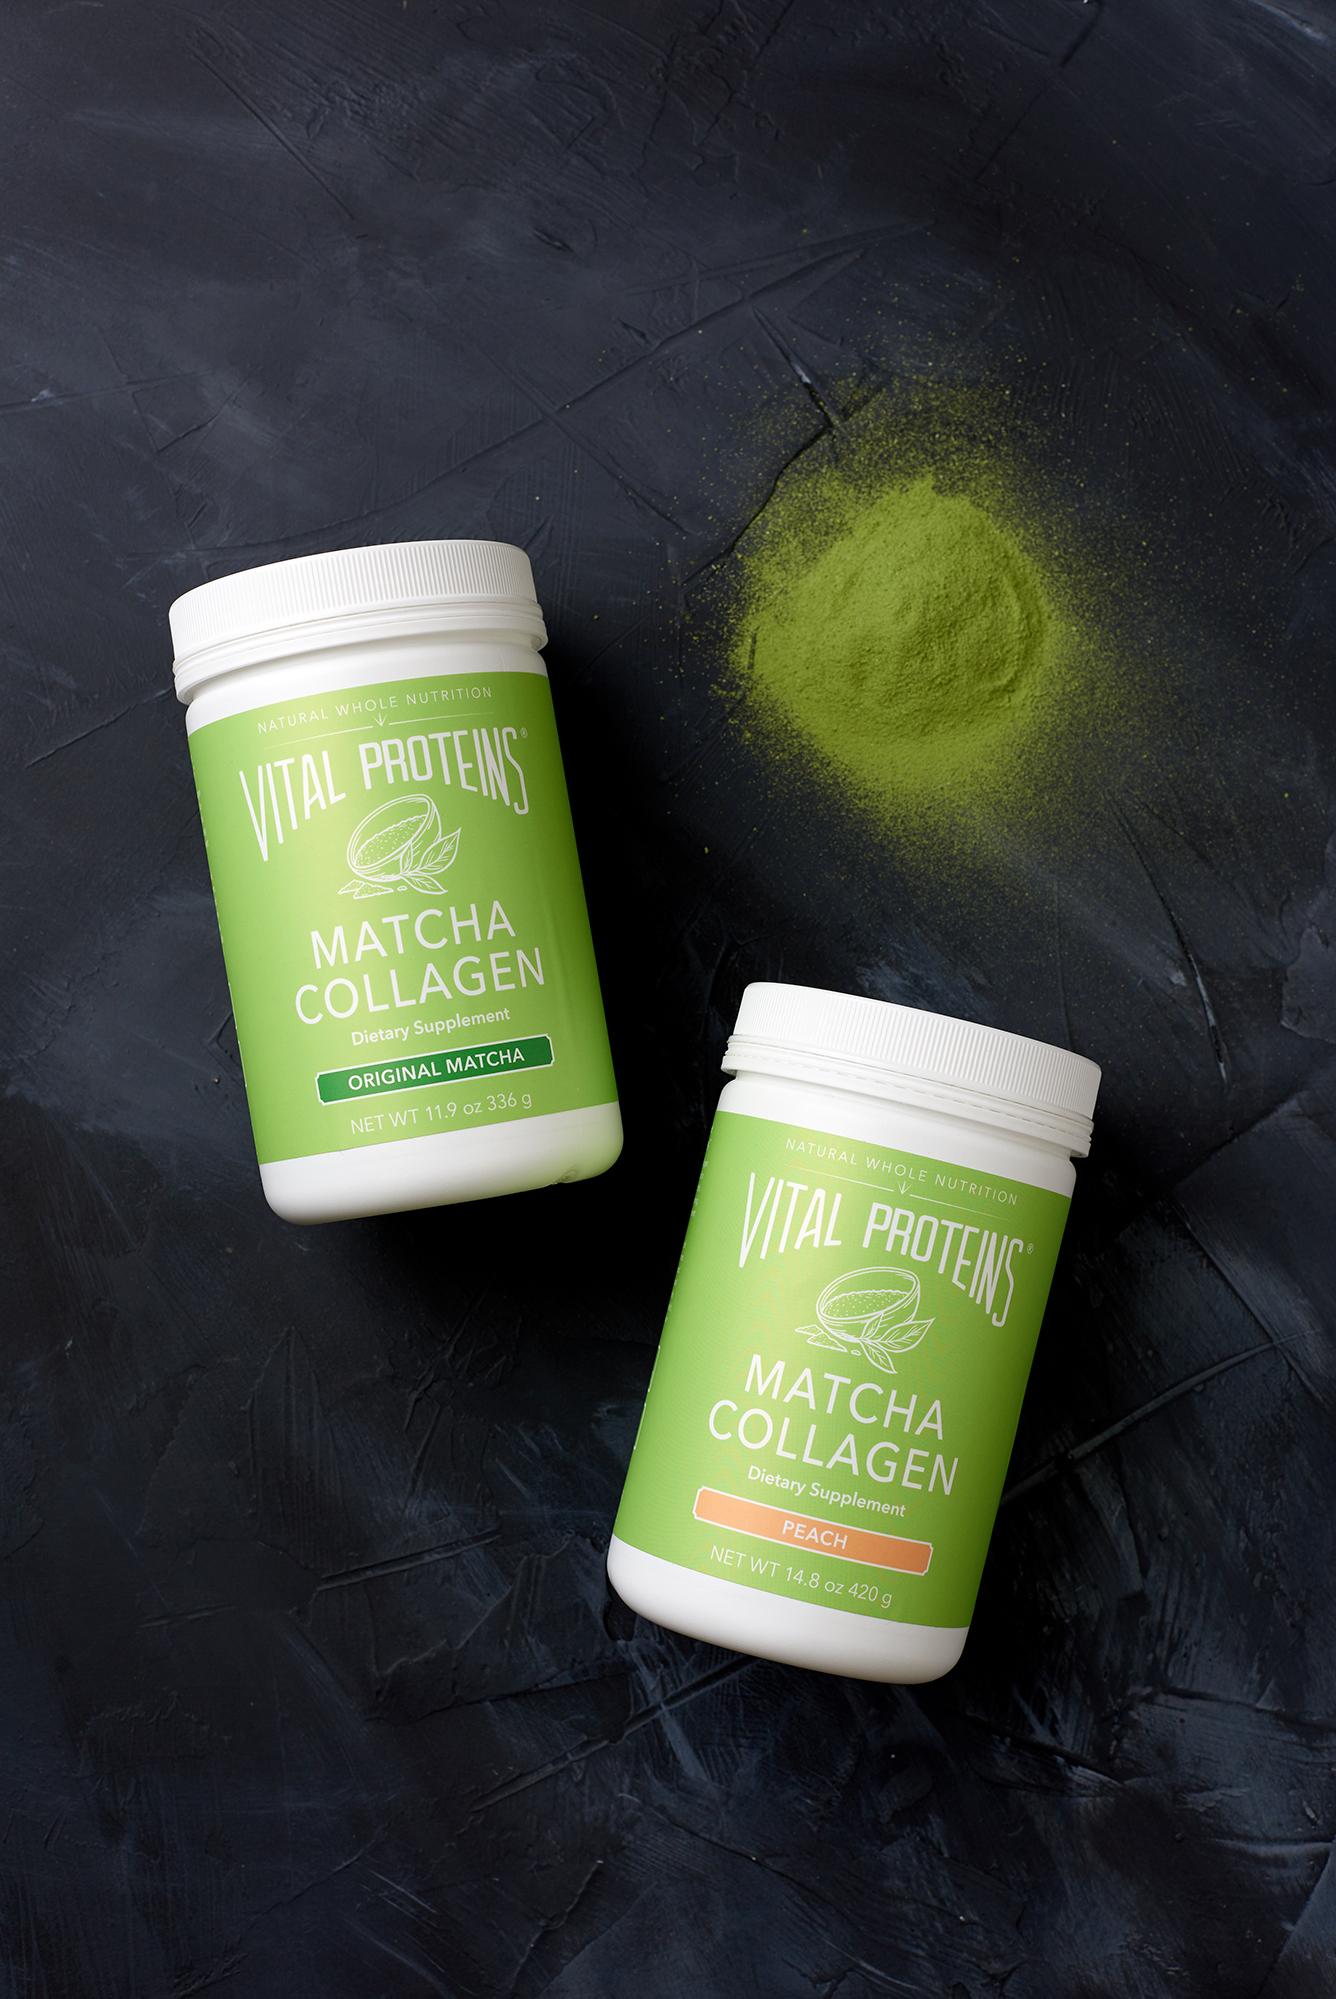 Vital-Proteins Matcha Collagen.jpg